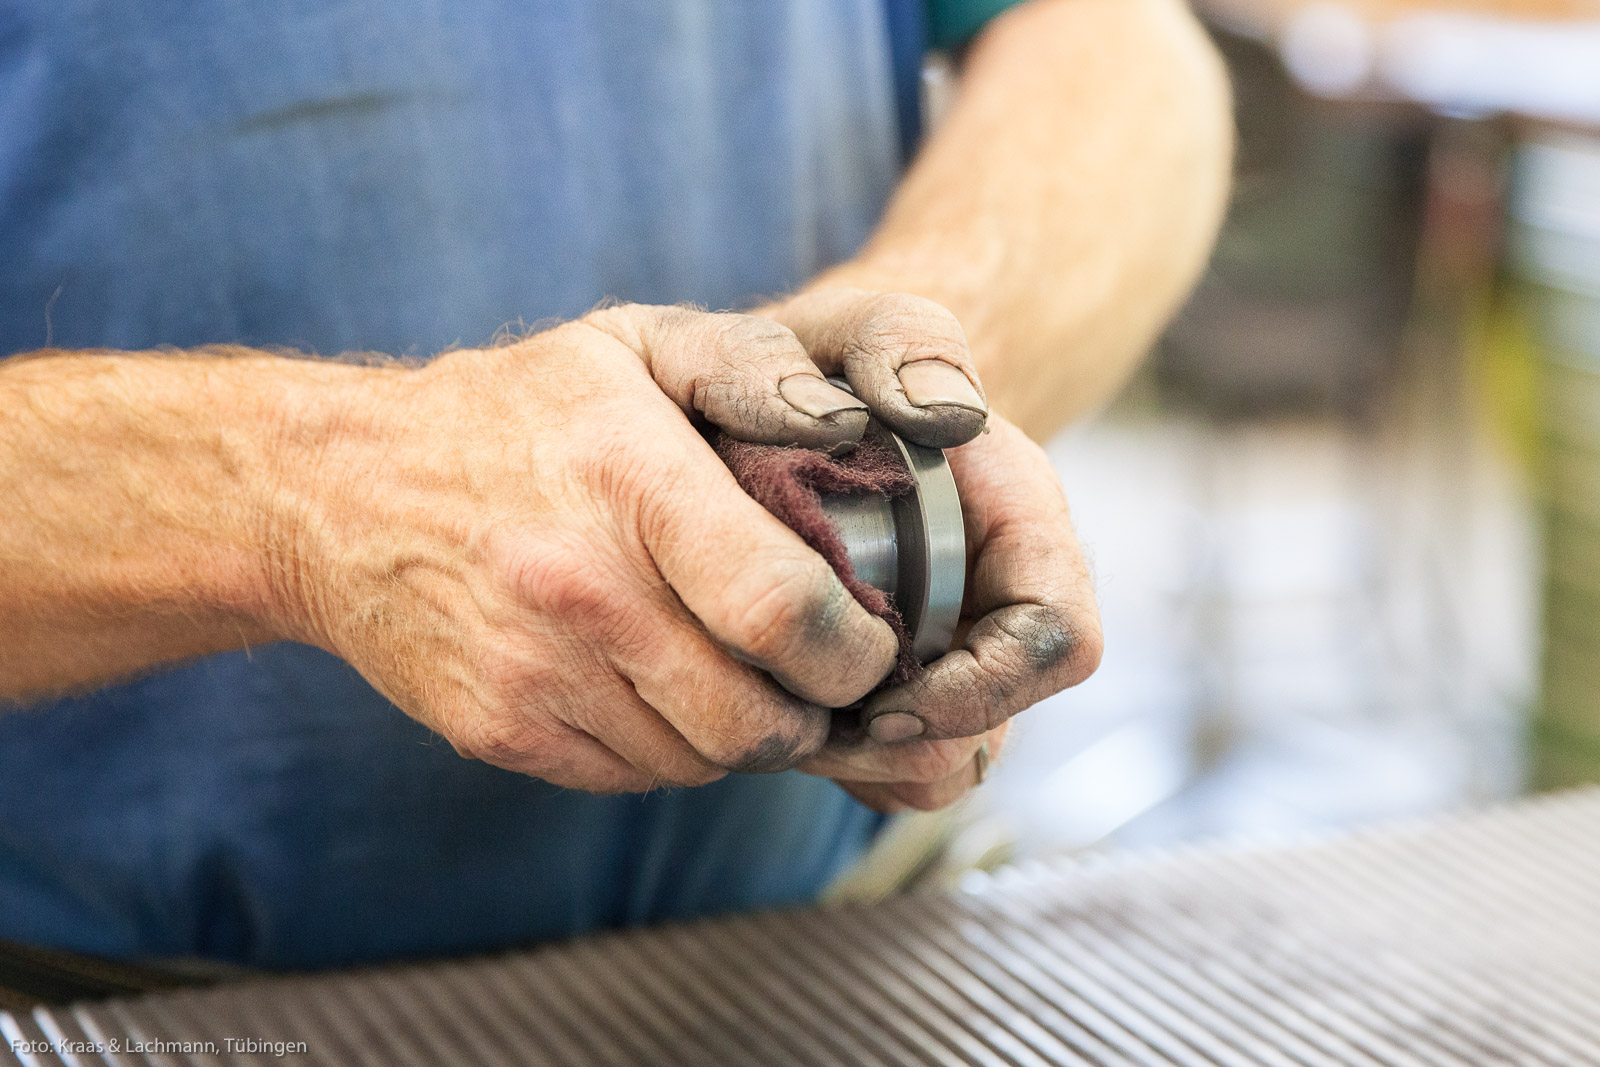 Handarbeit mit Gefühl: Entfernen der Sinterhaut an einer Pressform für Diamantschleifwerkzeuge.